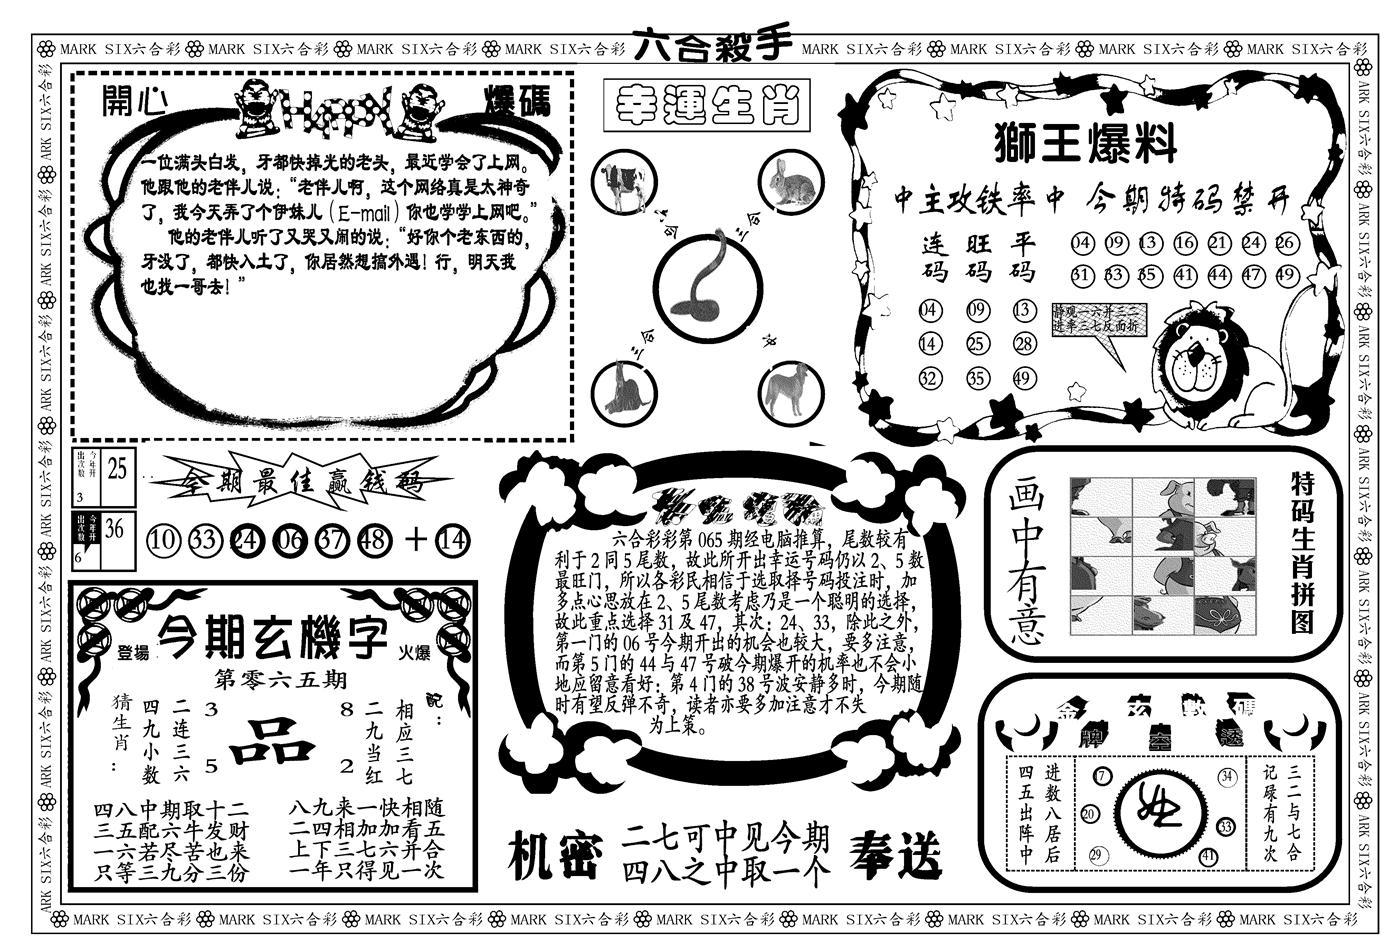 065期新六合杀手B(黑白)